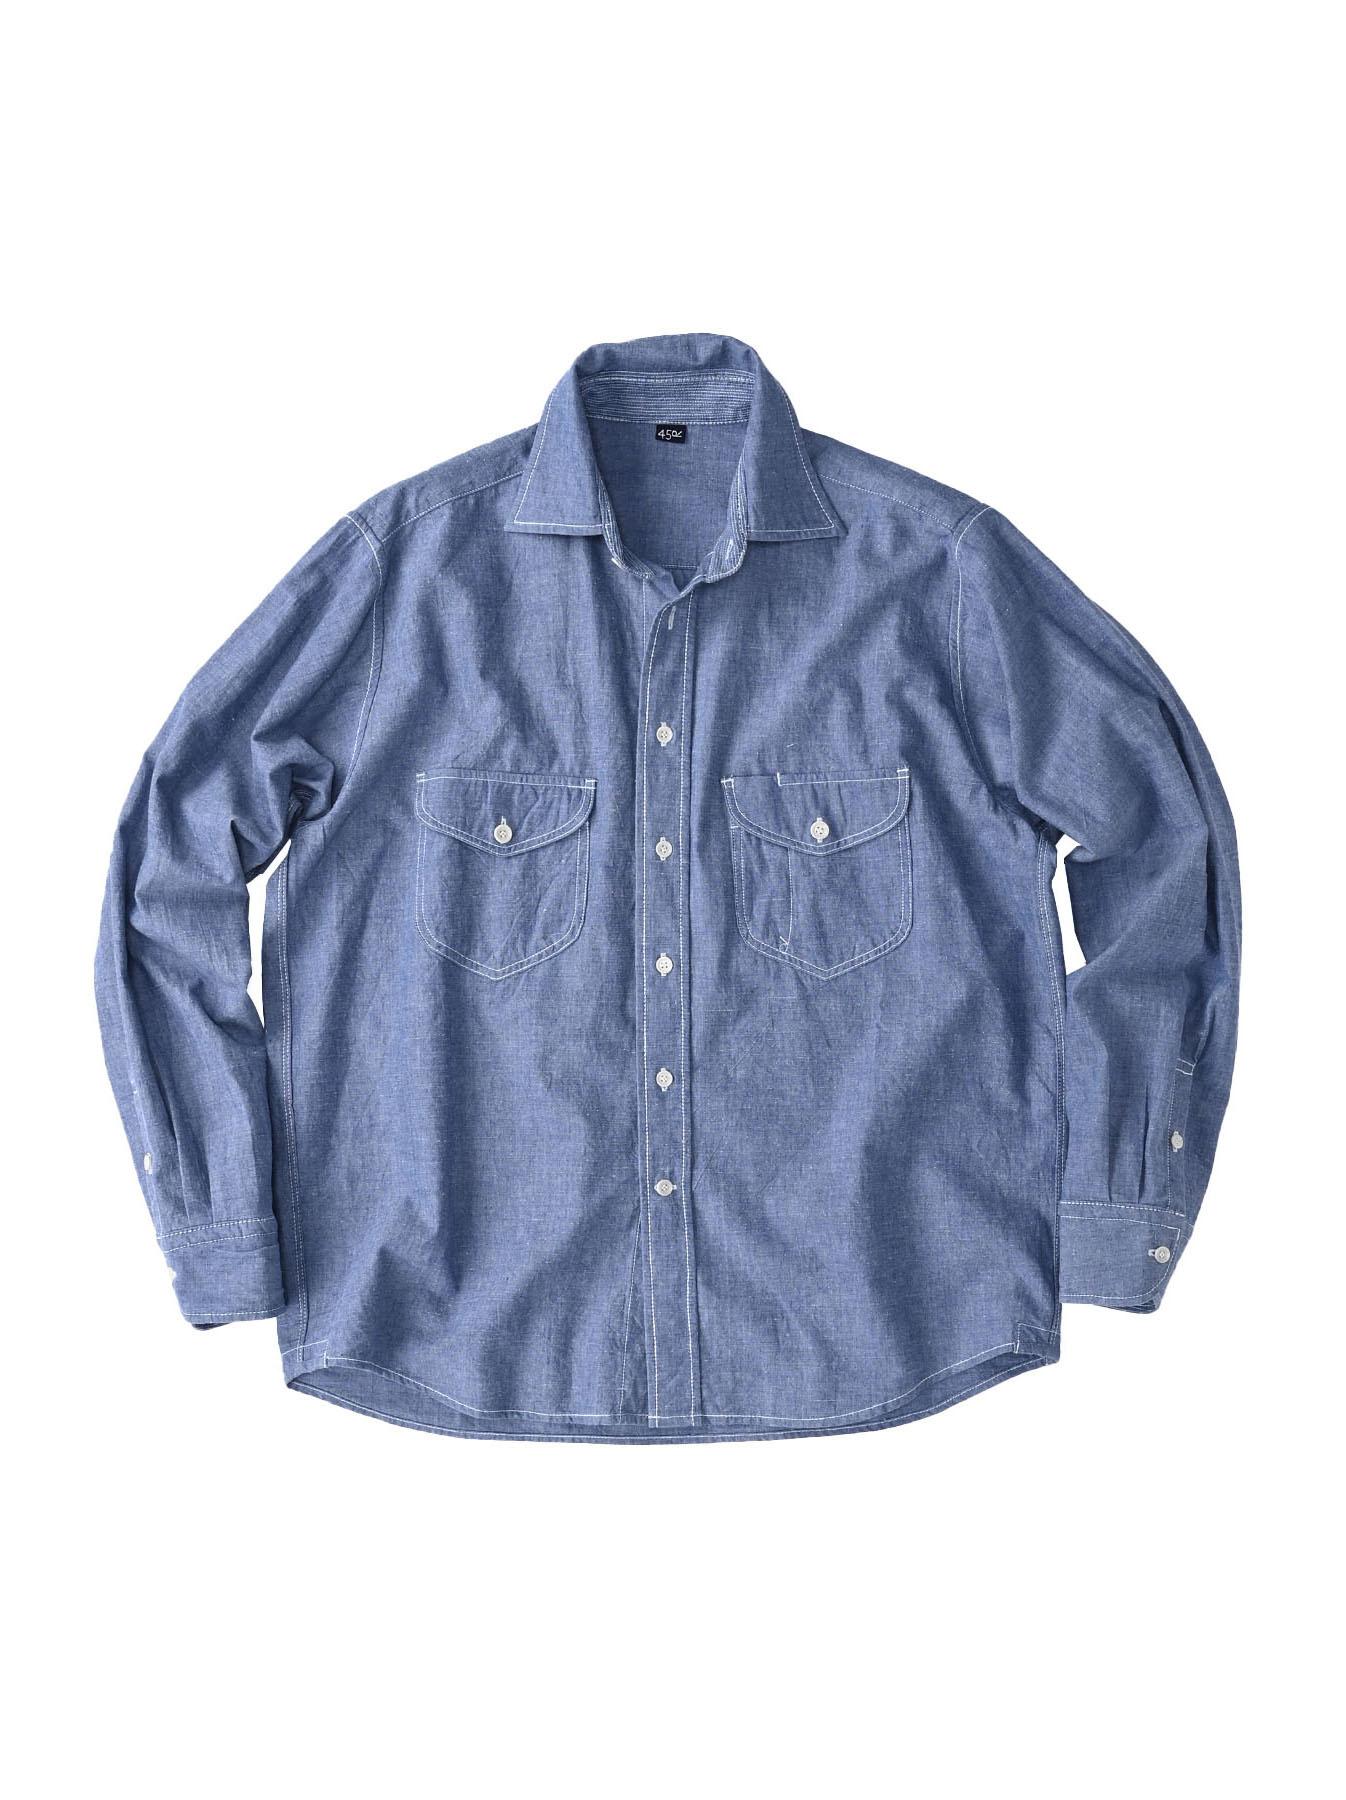 Okome-hira Dungaree 908 Ocean Work Shirt (0621)-1